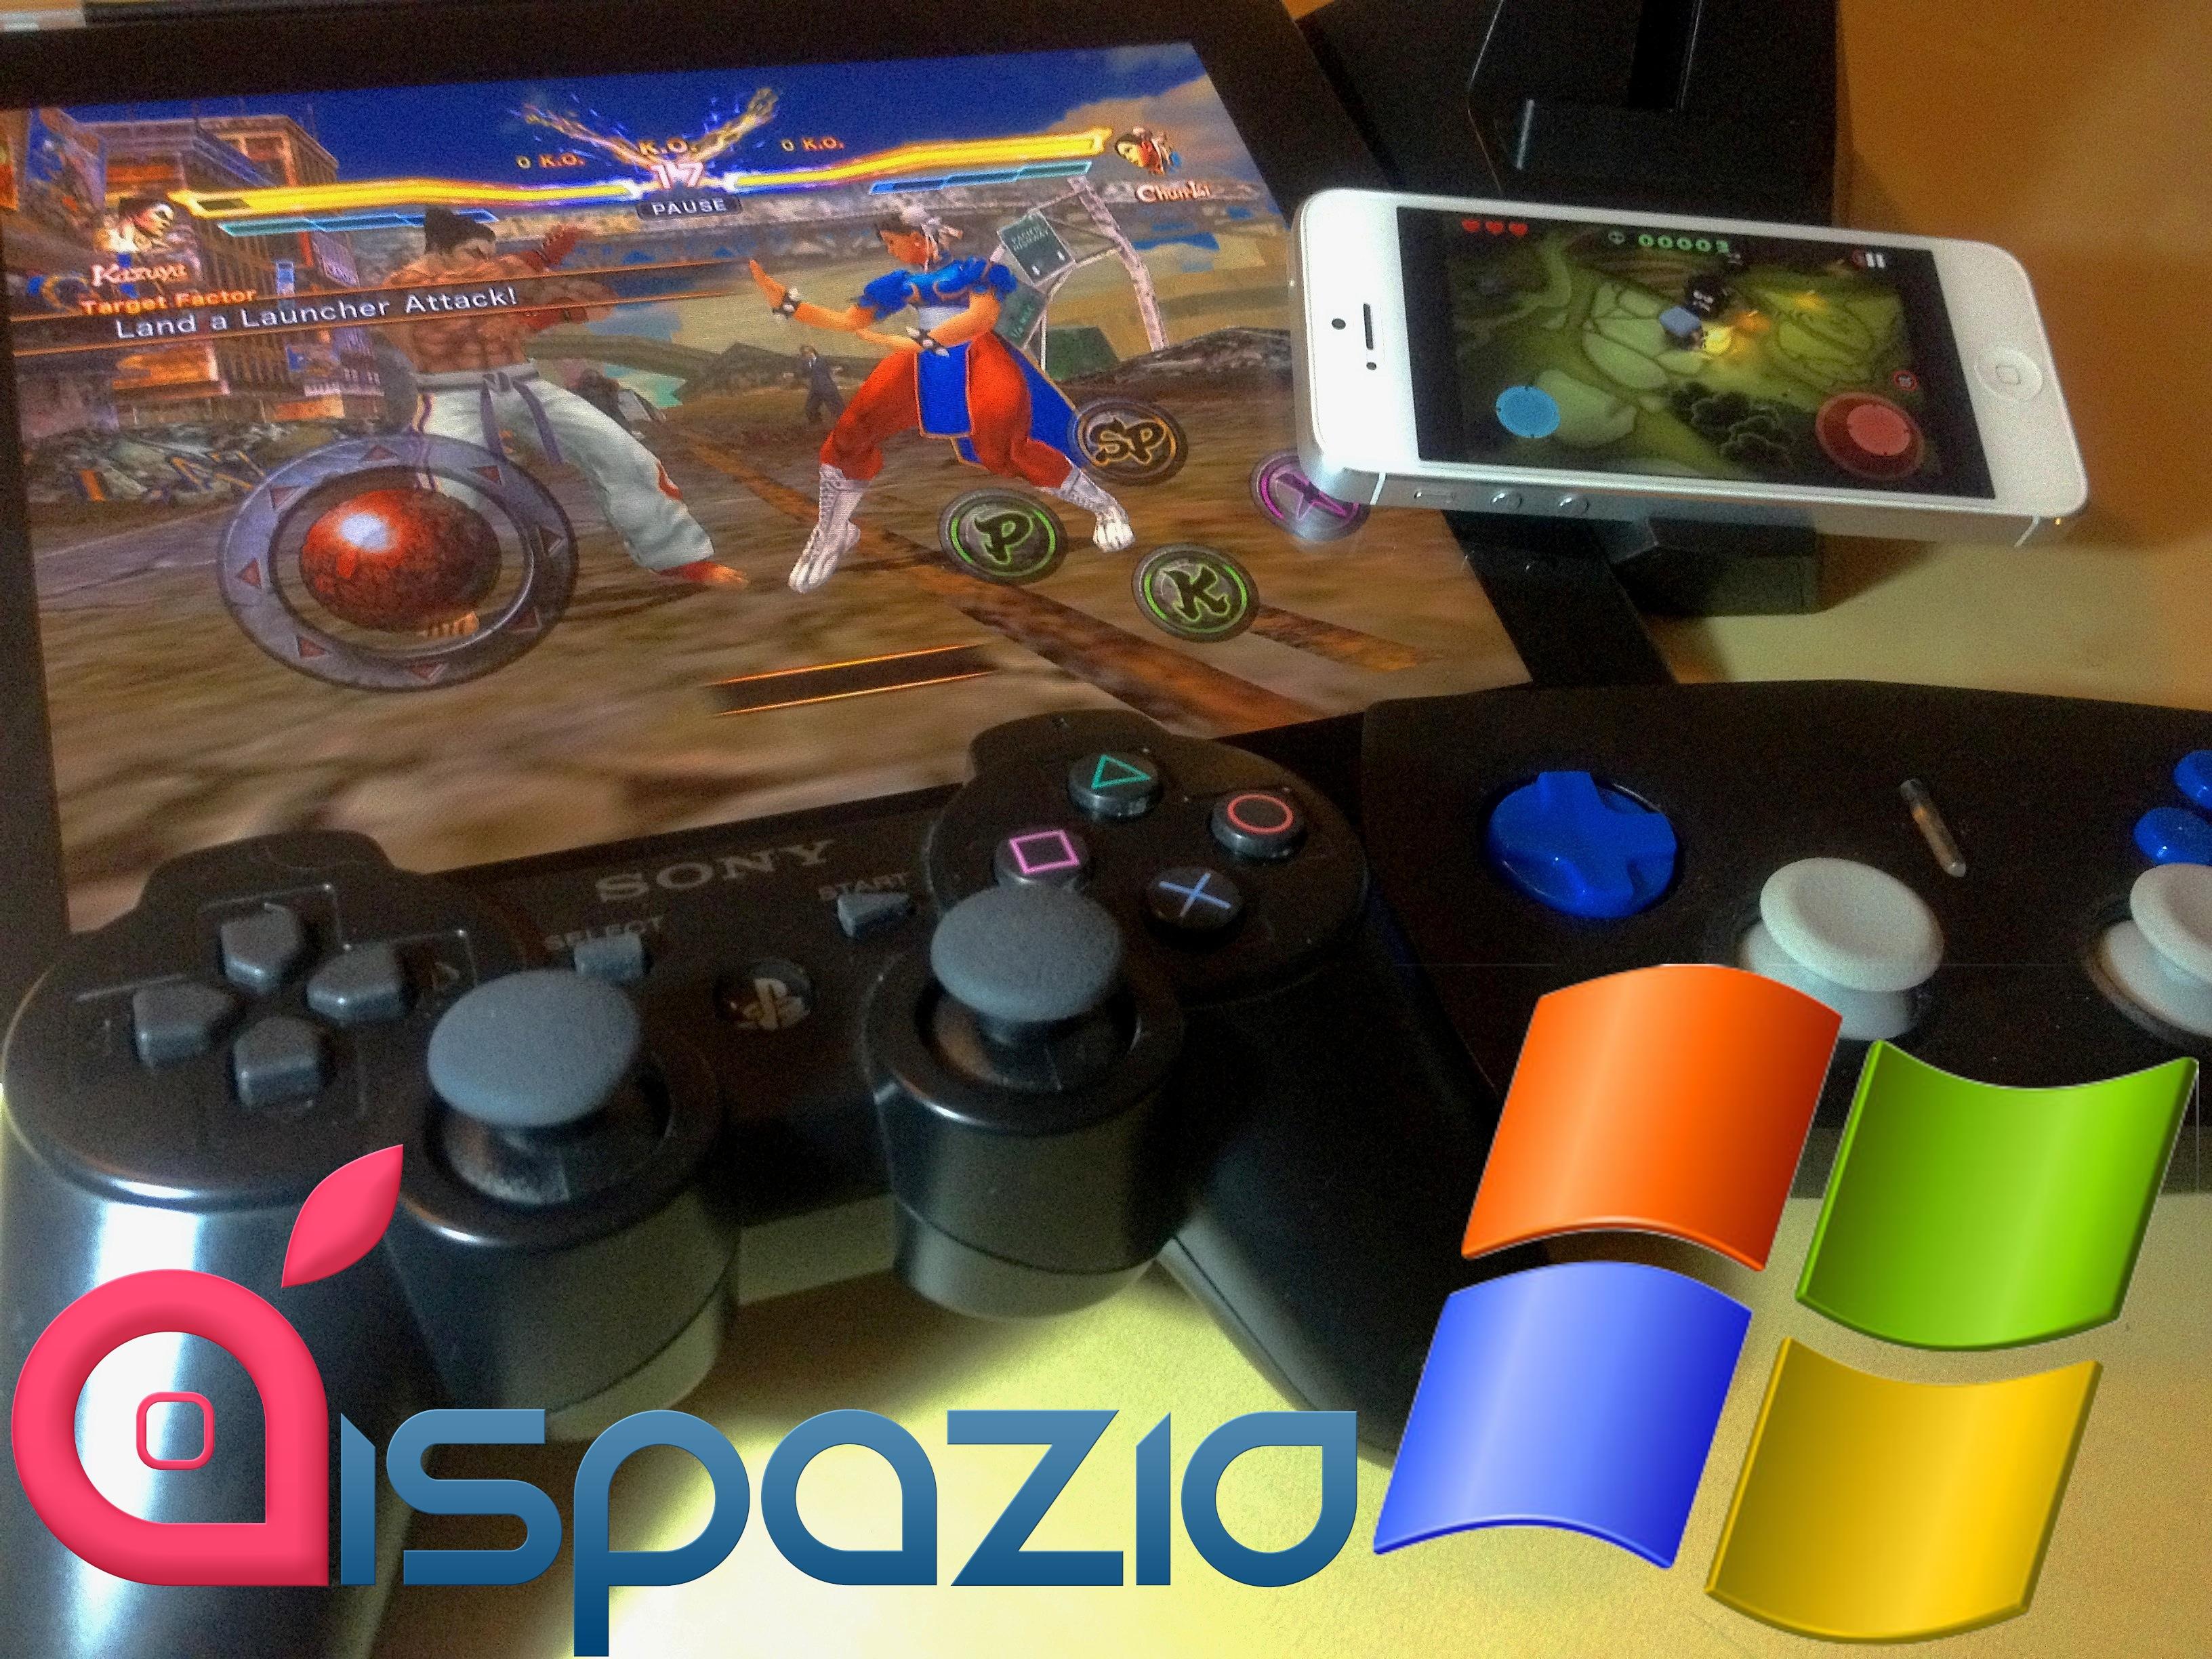 iSpazio-Blutrol-PS3-controller-copertina win